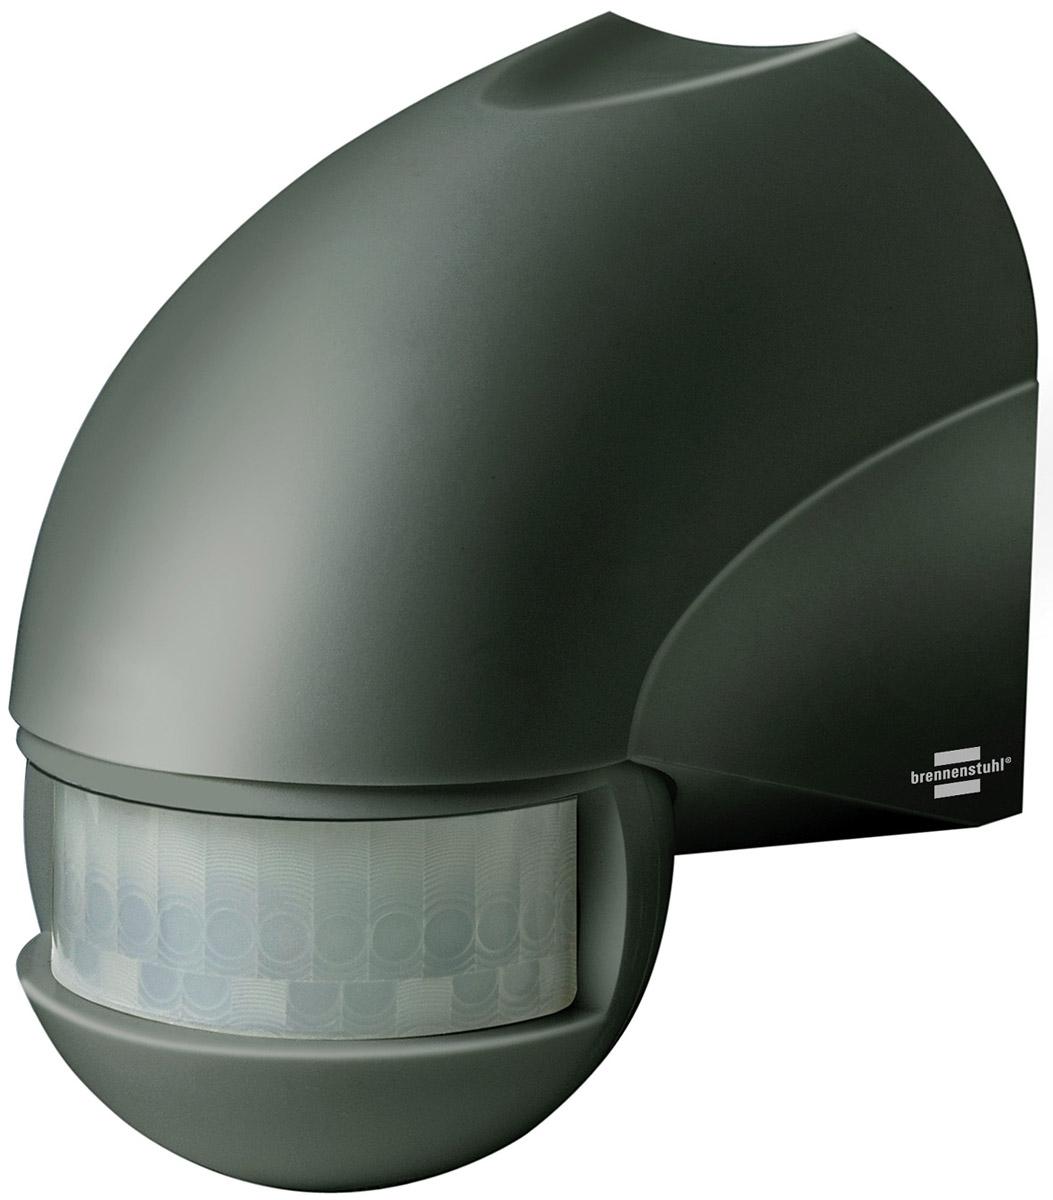 Brennenstuhl Bewegungsmelder Infrarot-Bewegungsmelder PIR 180 IP44 Anthrazit, 1171900